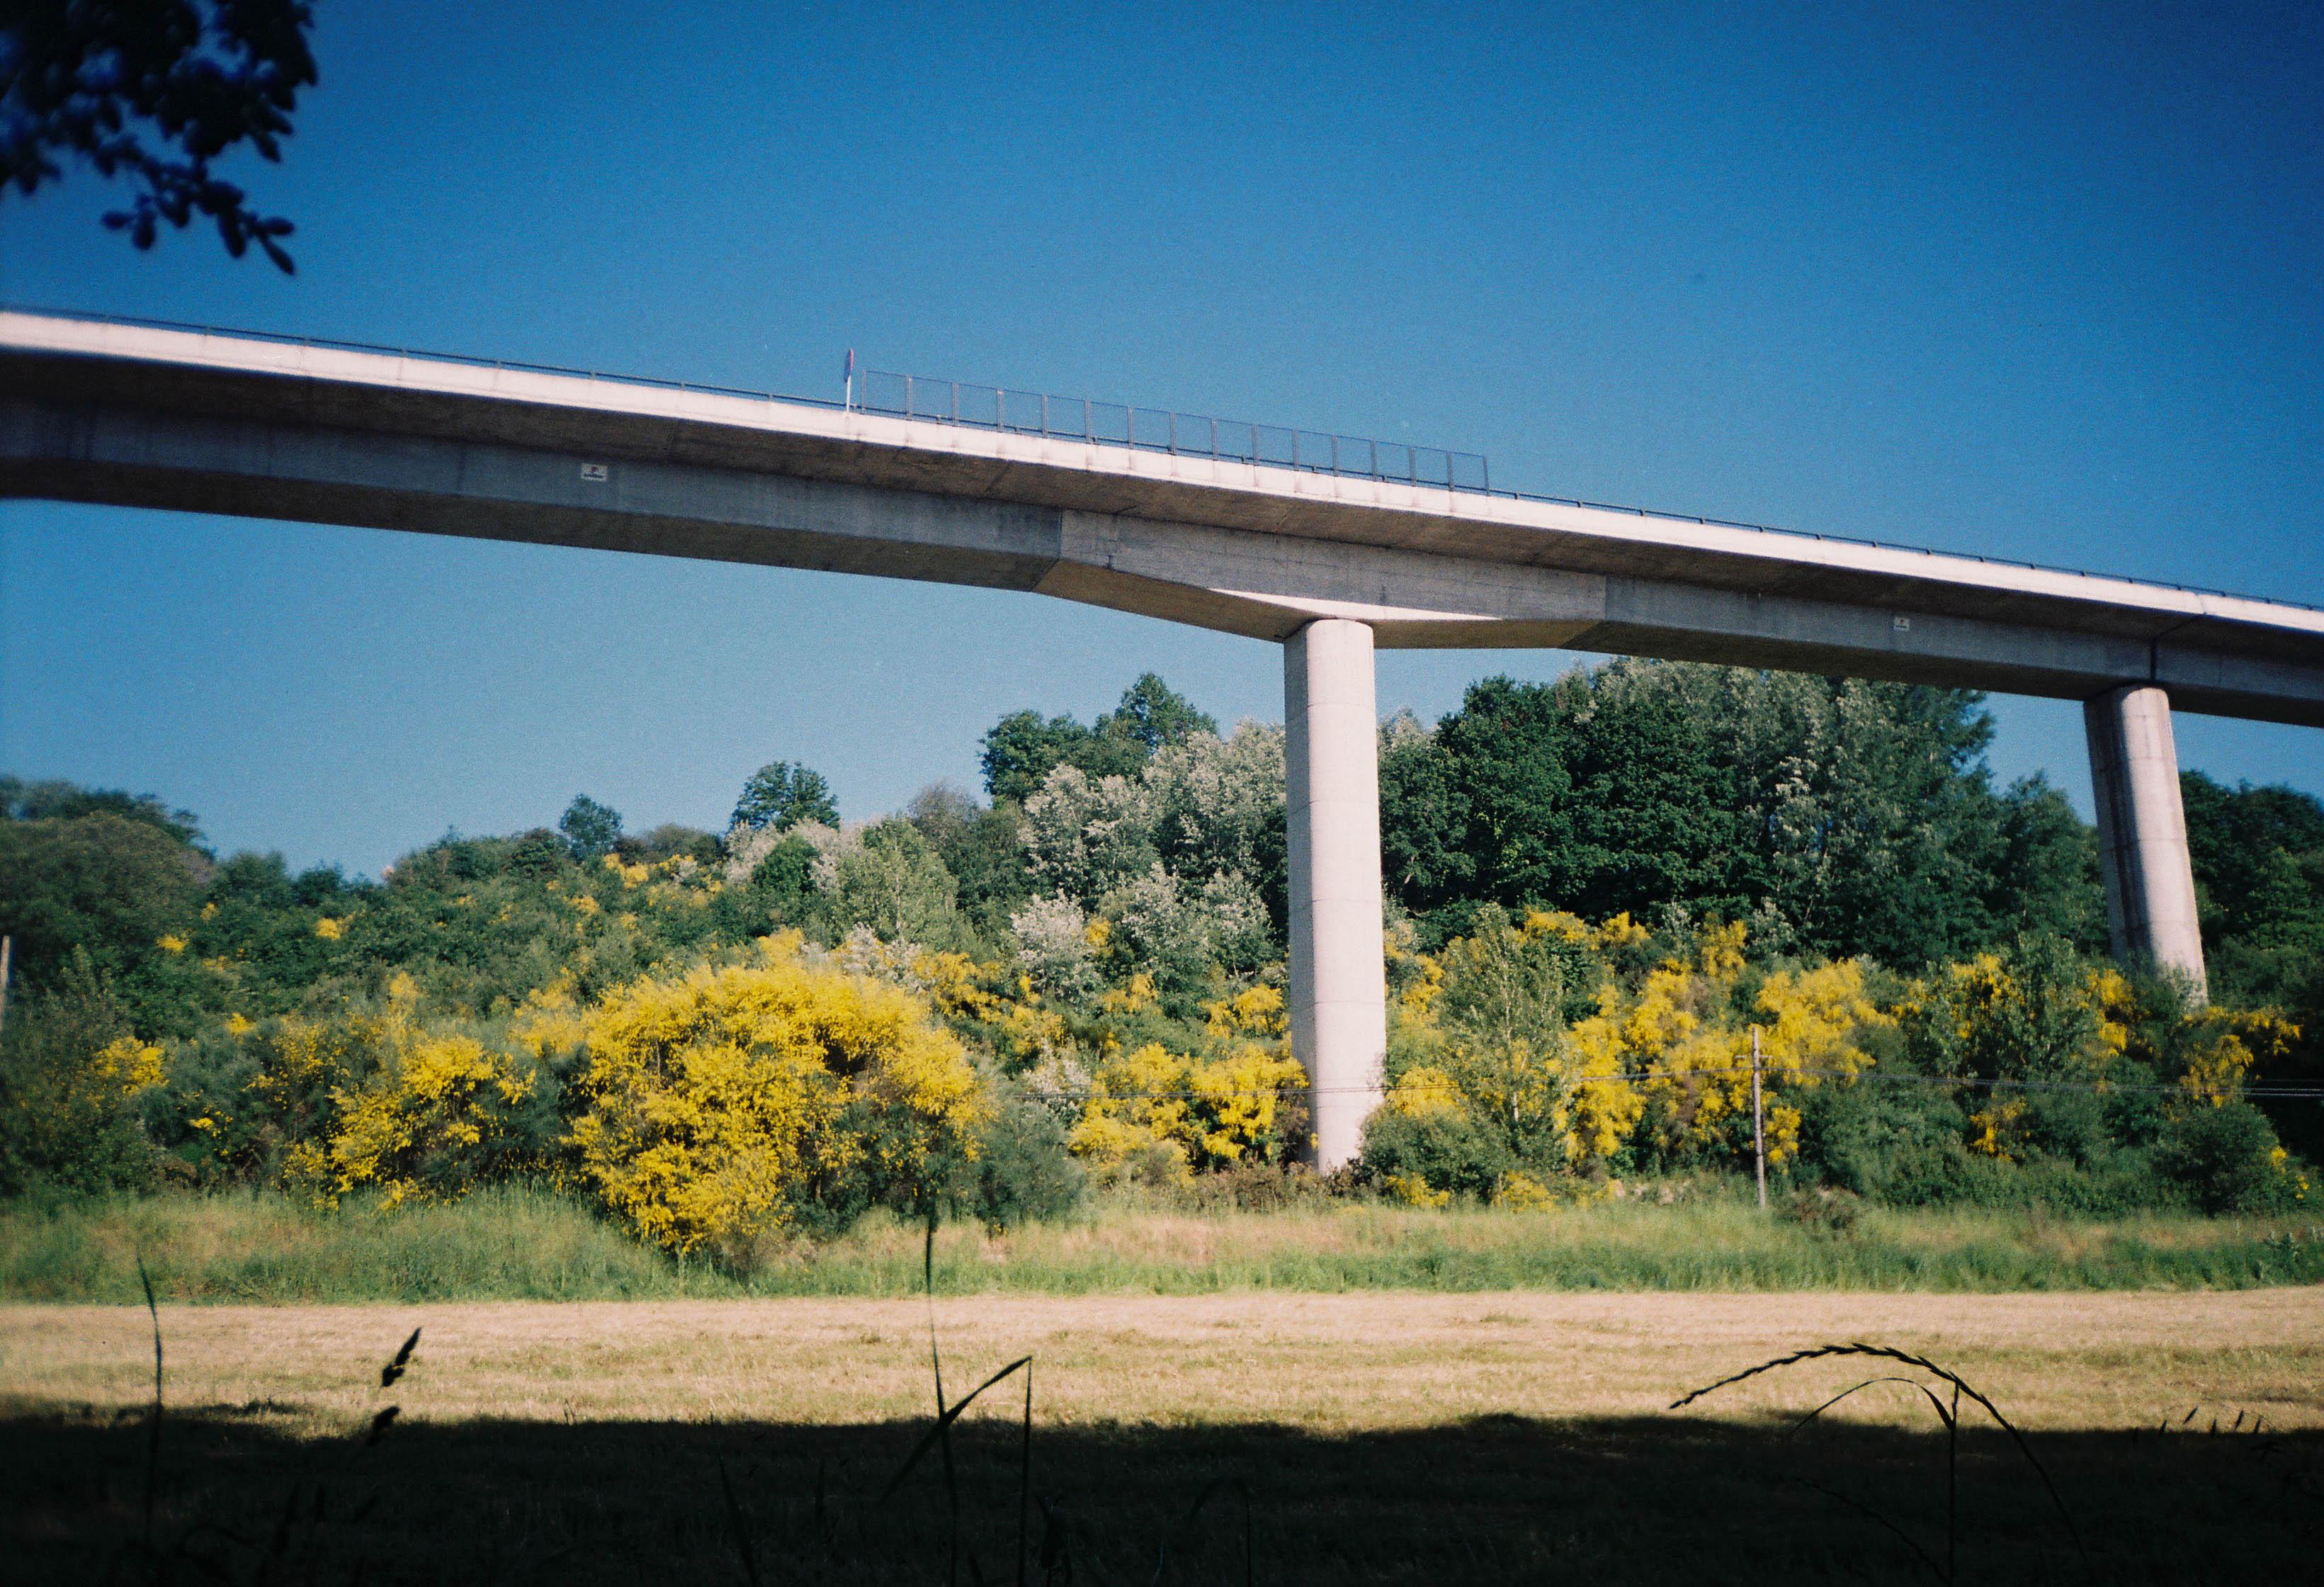 http://lafilladelfotografu.irenavisa.com/files/gimgs/97_f1000001-1.jpg